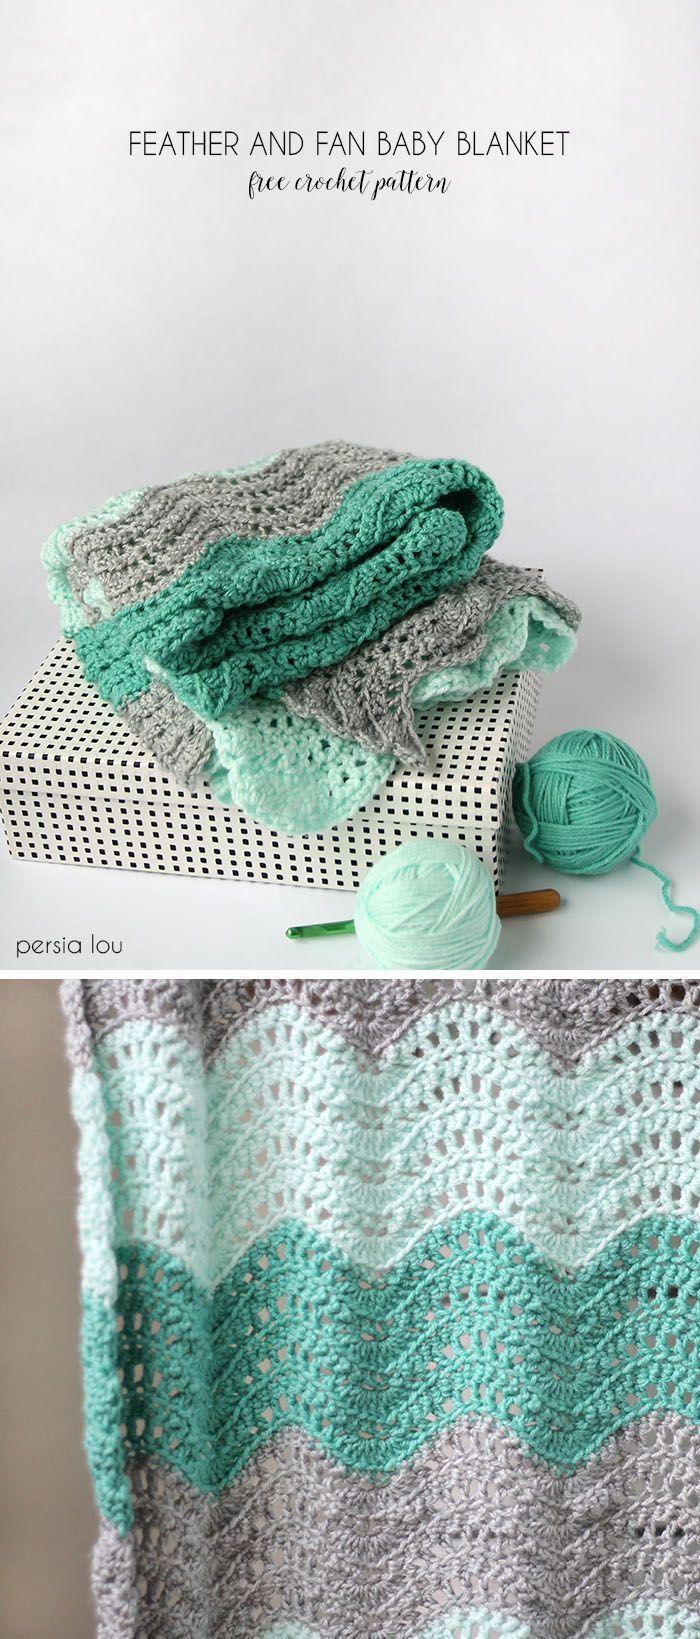 Feather and Fan Baby Blanket Crochet Pattern Crochet baby, Baby blankets an...